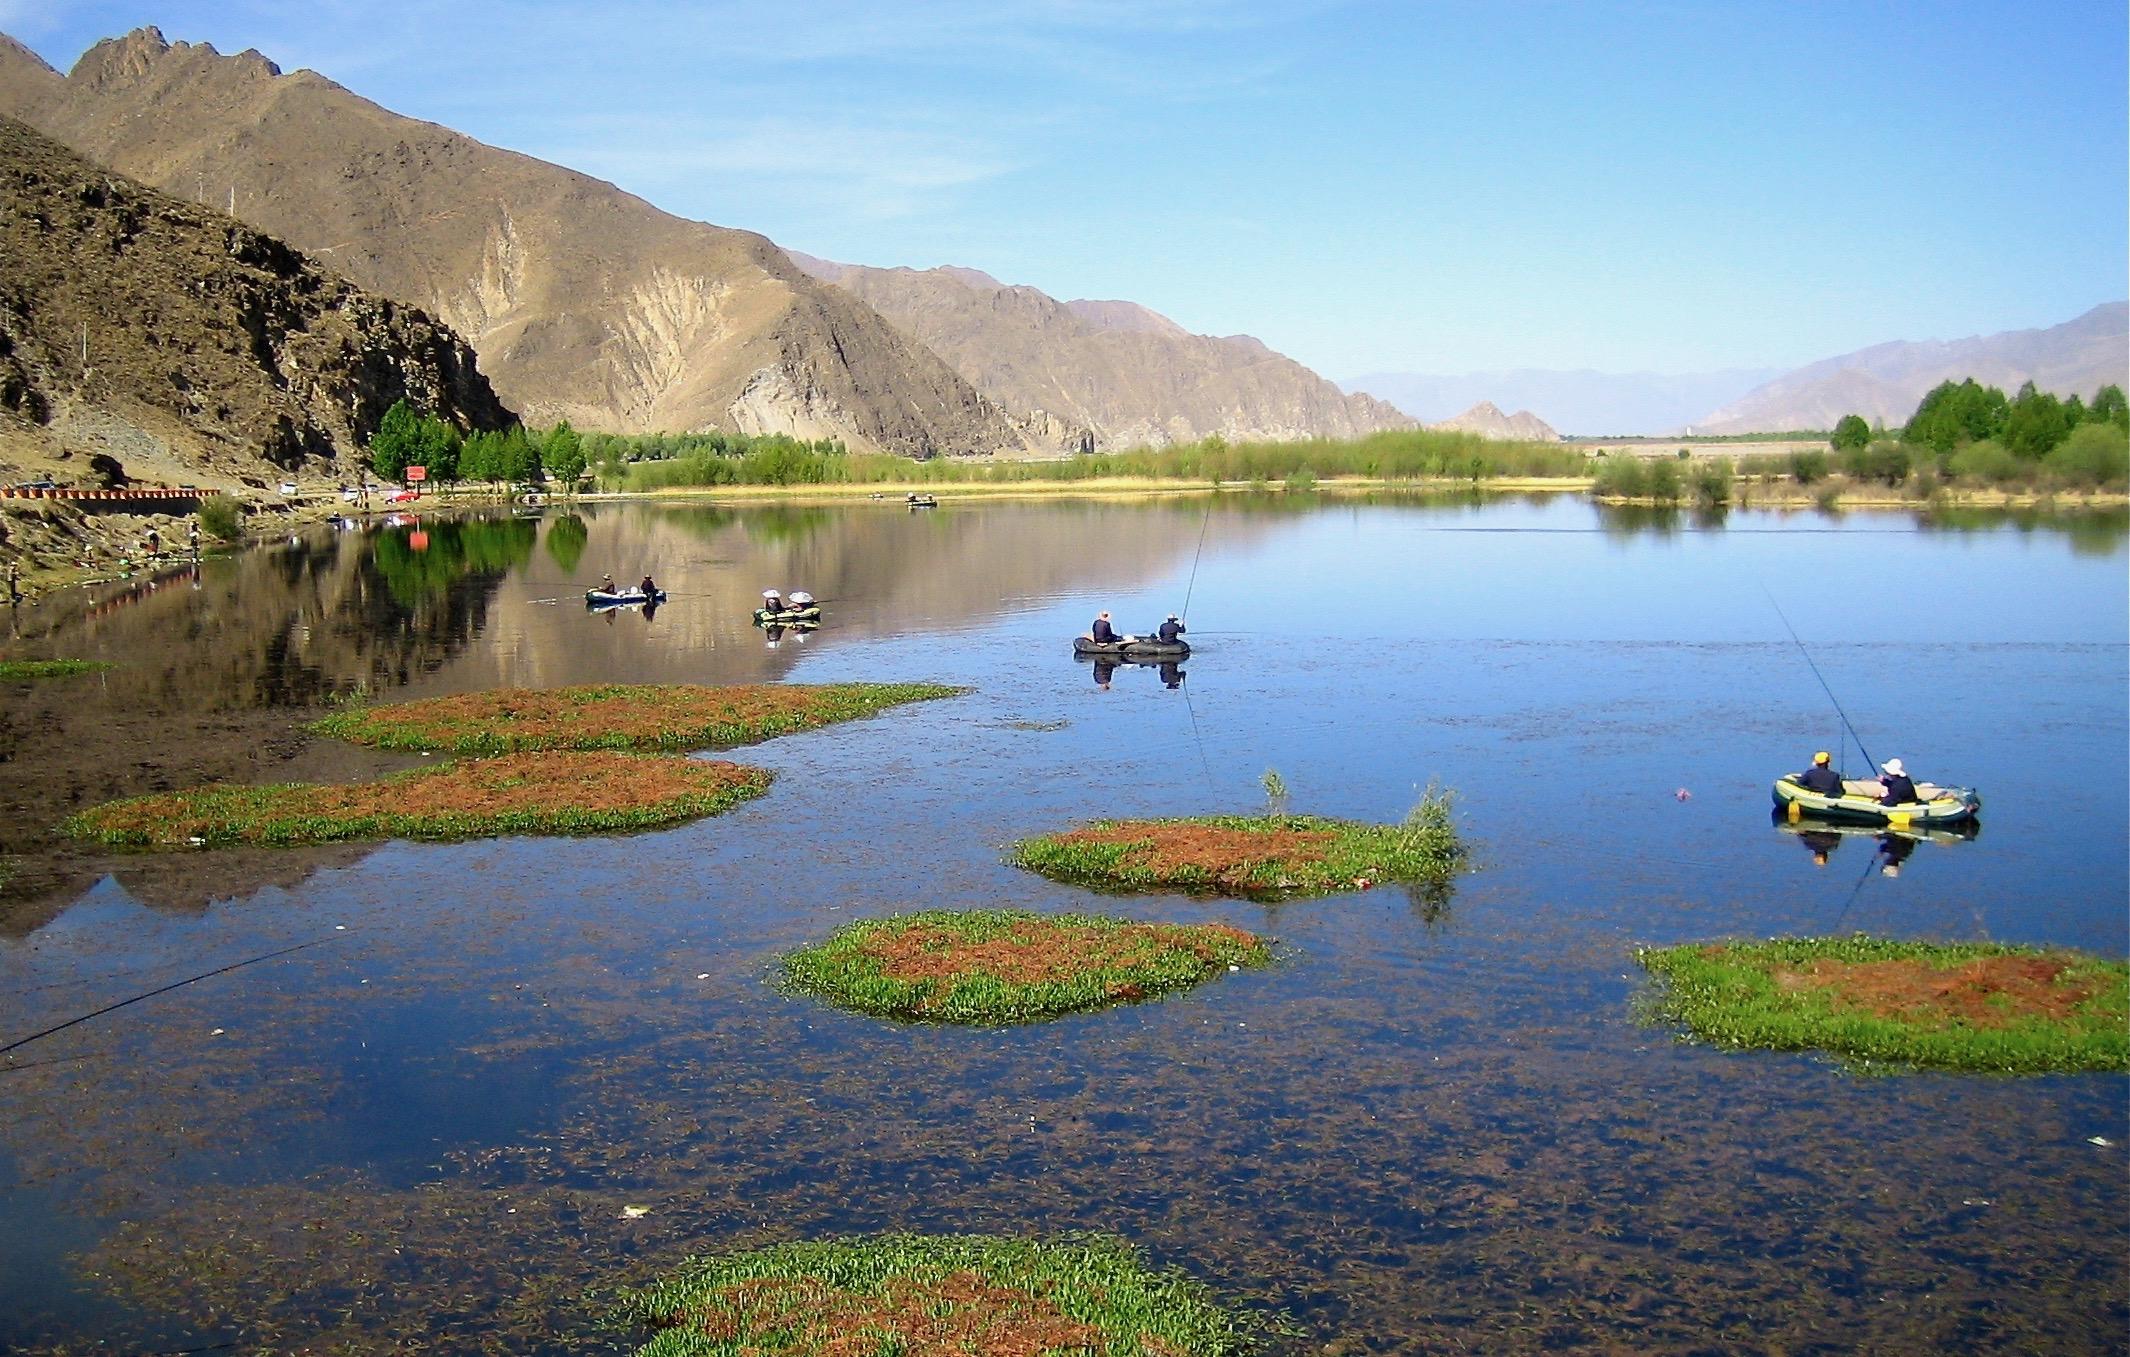 Min favoritbild från vår resa till Tibet. Utsikten här över sjön och omgivningarna berör mig även om jag nu bara kan de n på bild.